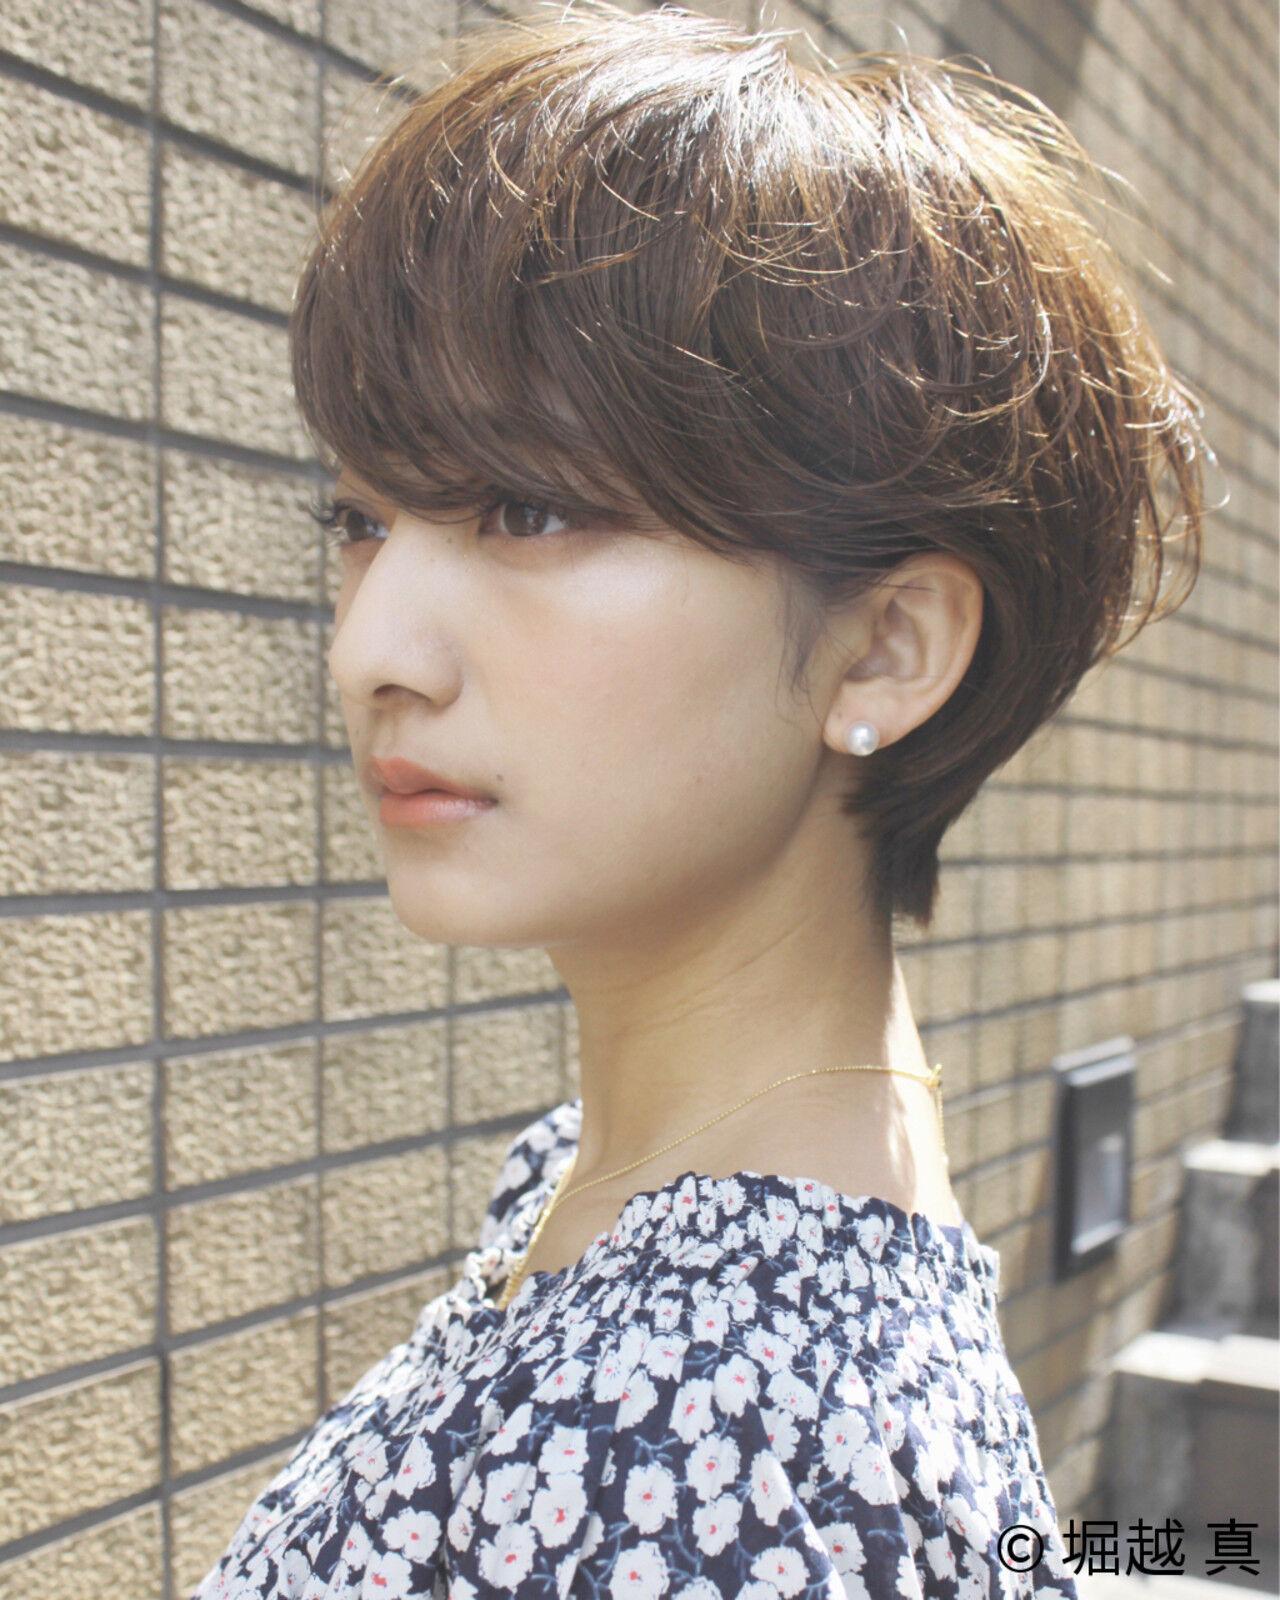 大人女子 ショートボブ ナチュラル アッシュヘアスタイルや髪型の写真・画像